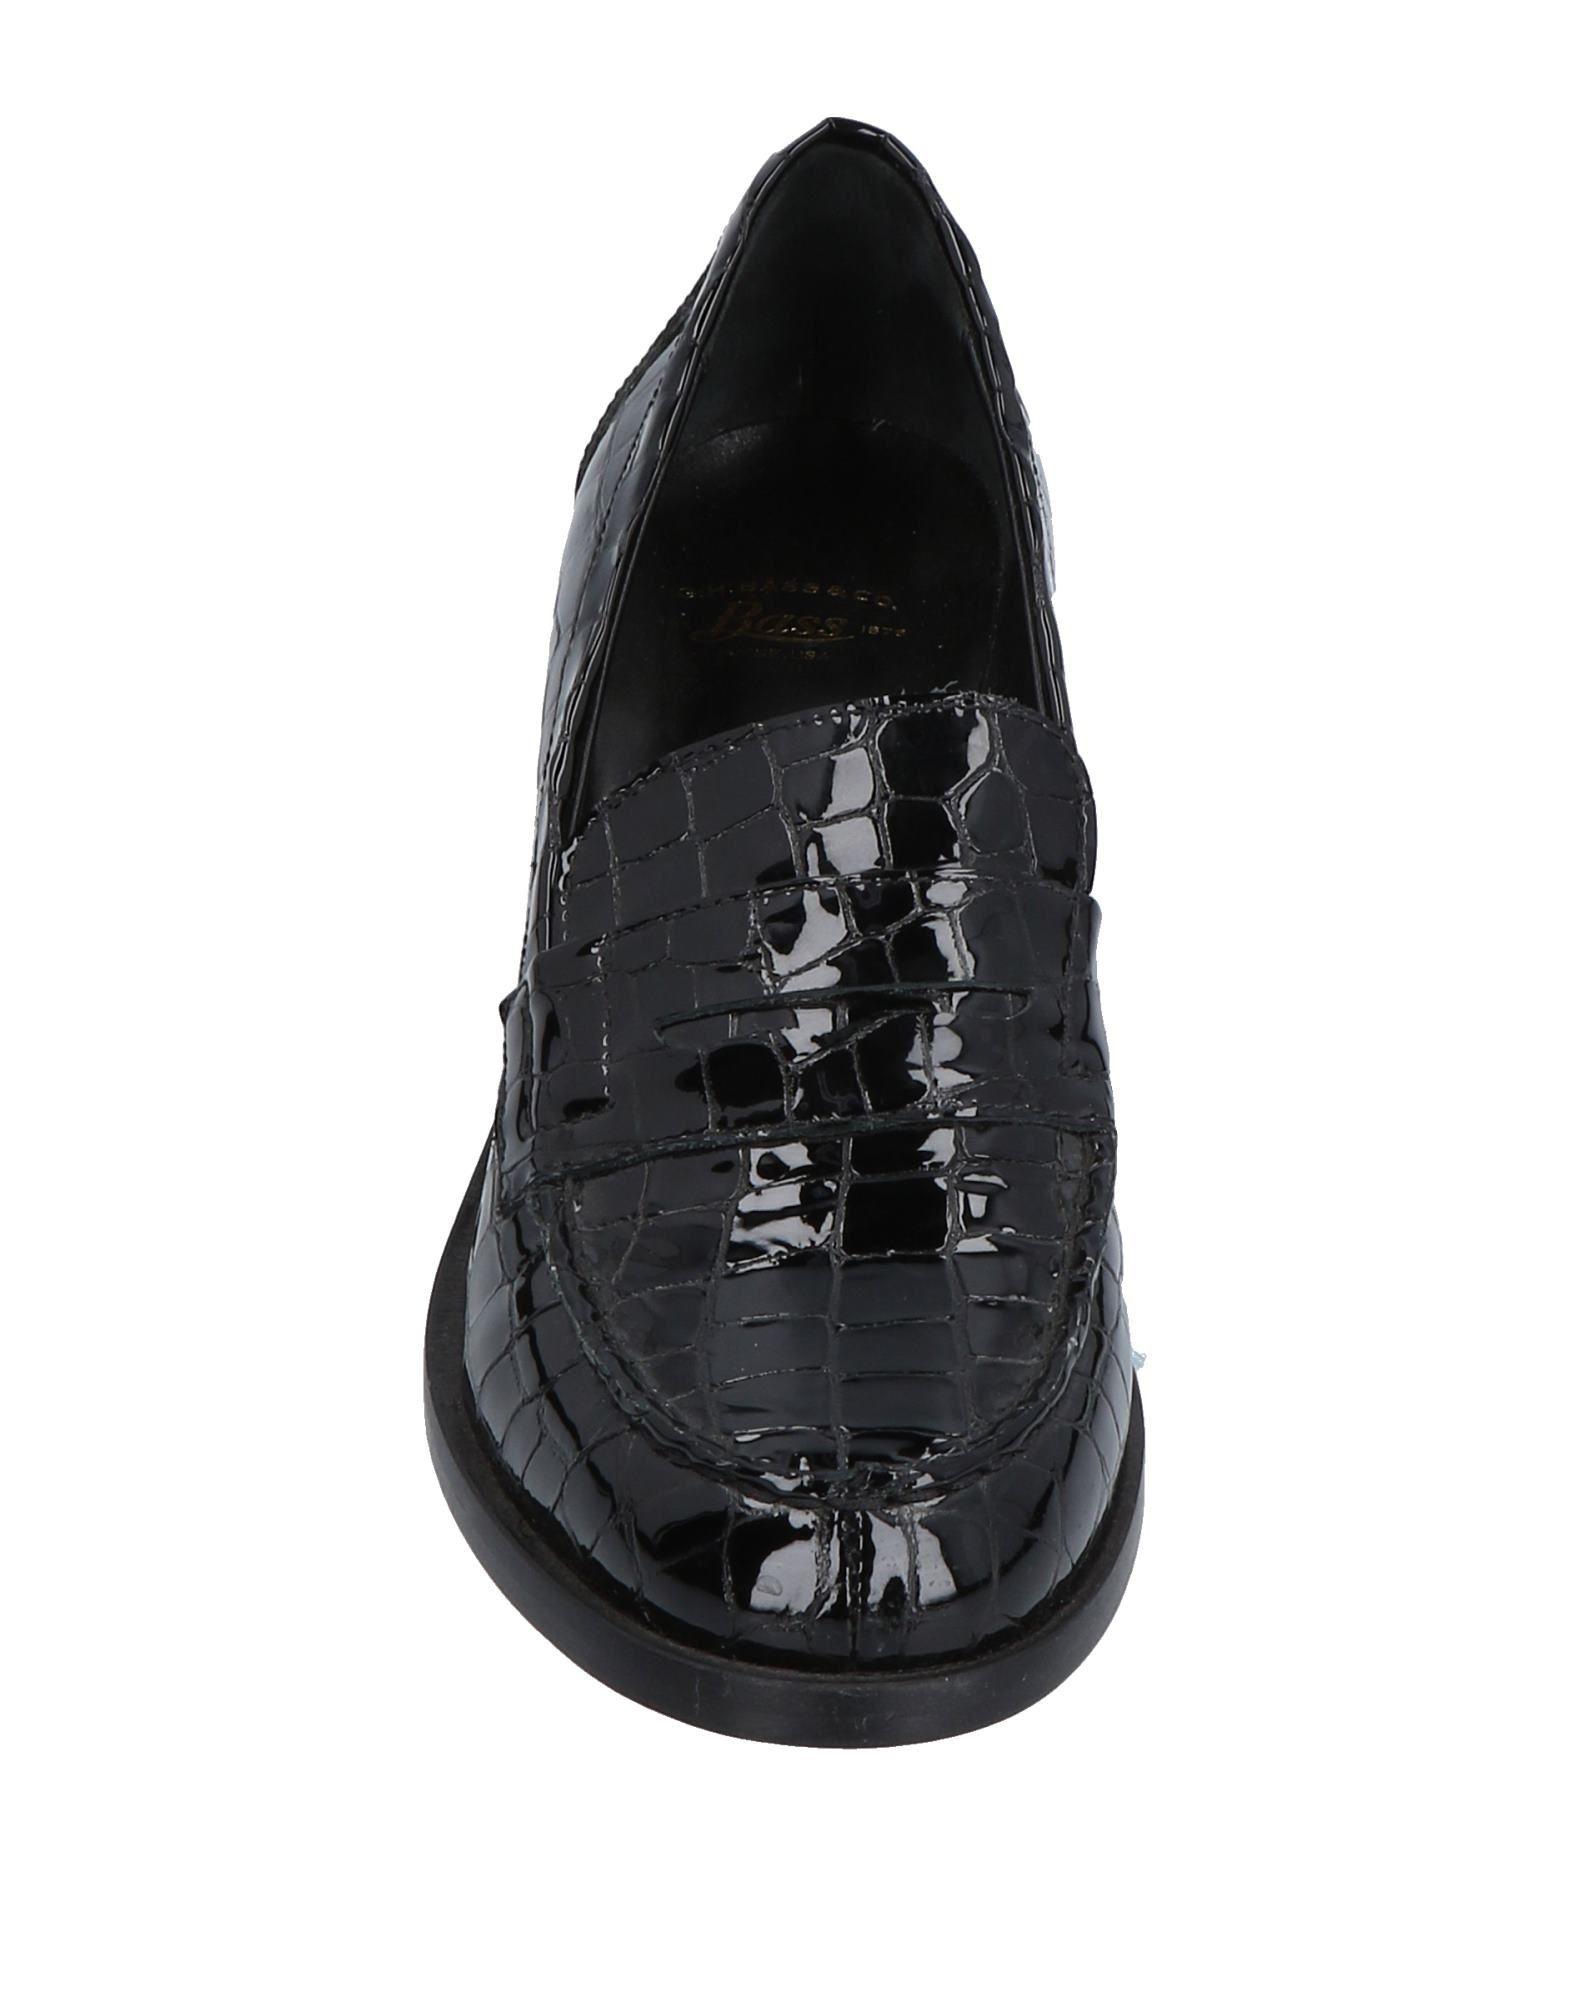 Weejuns® By G.H. Bass & Co Mokassins Damen beliebte  11490106RK Gute Qualität beliebte Damen Schuhe e3e591